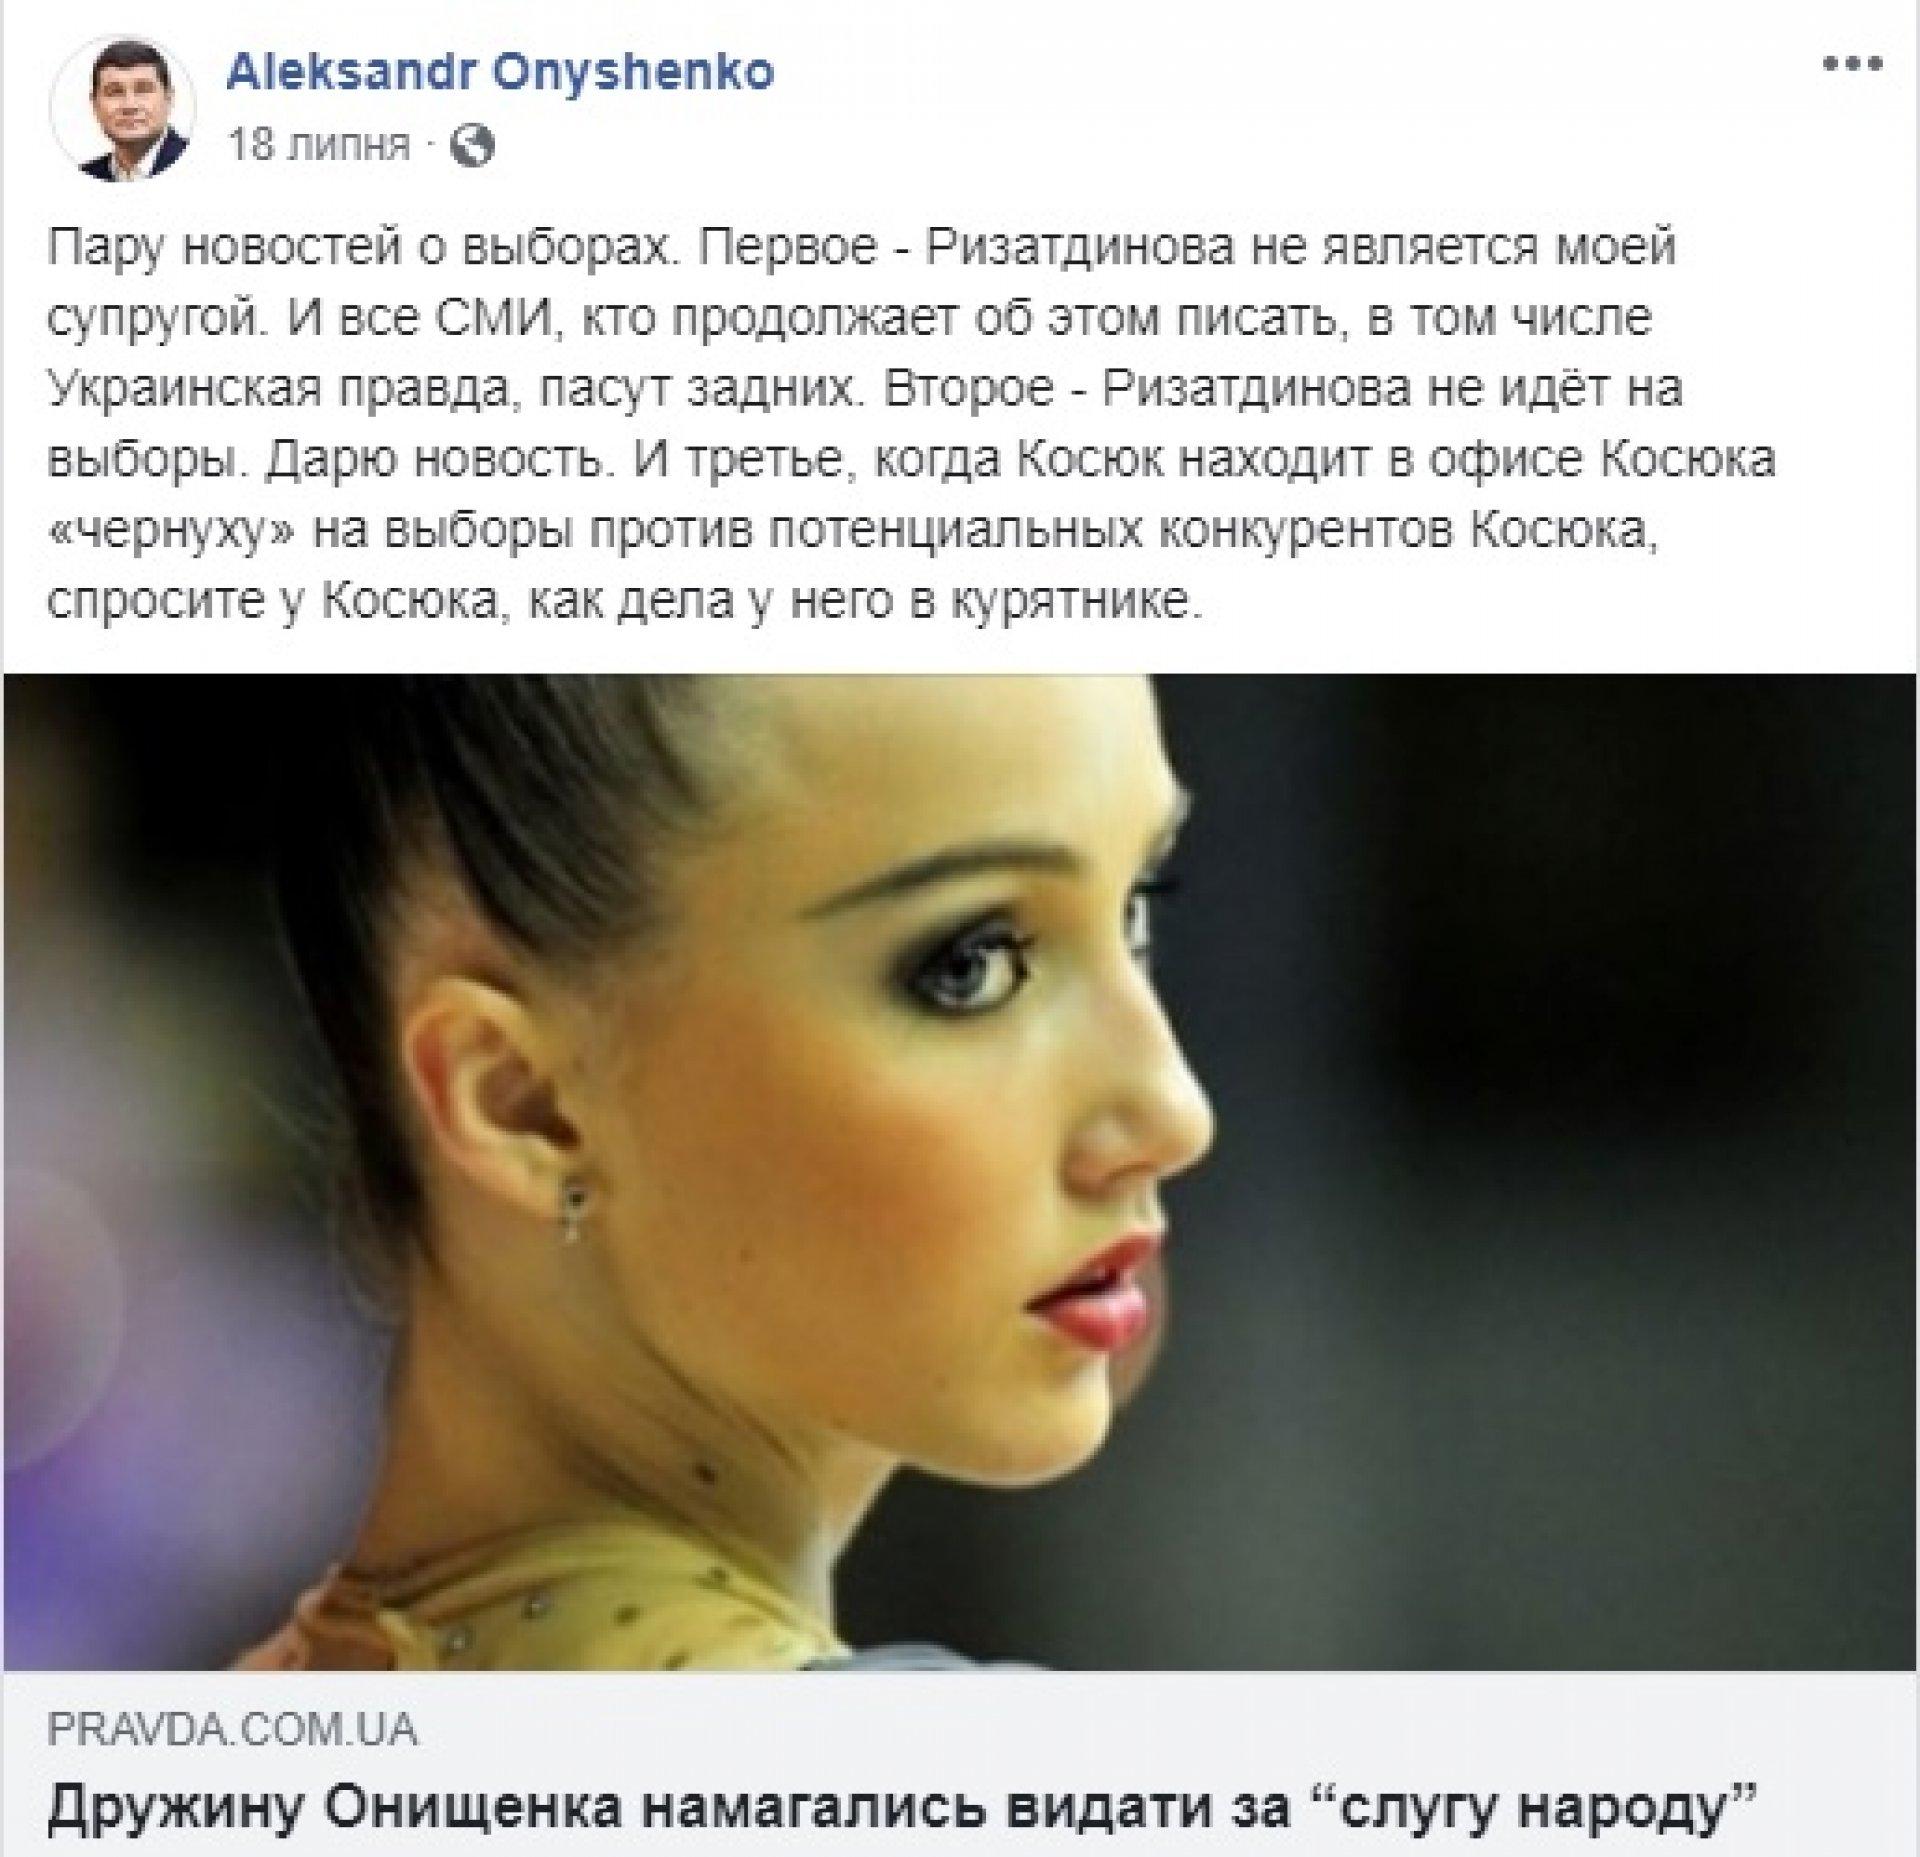 Різатдінова ОНИЩЕНКО